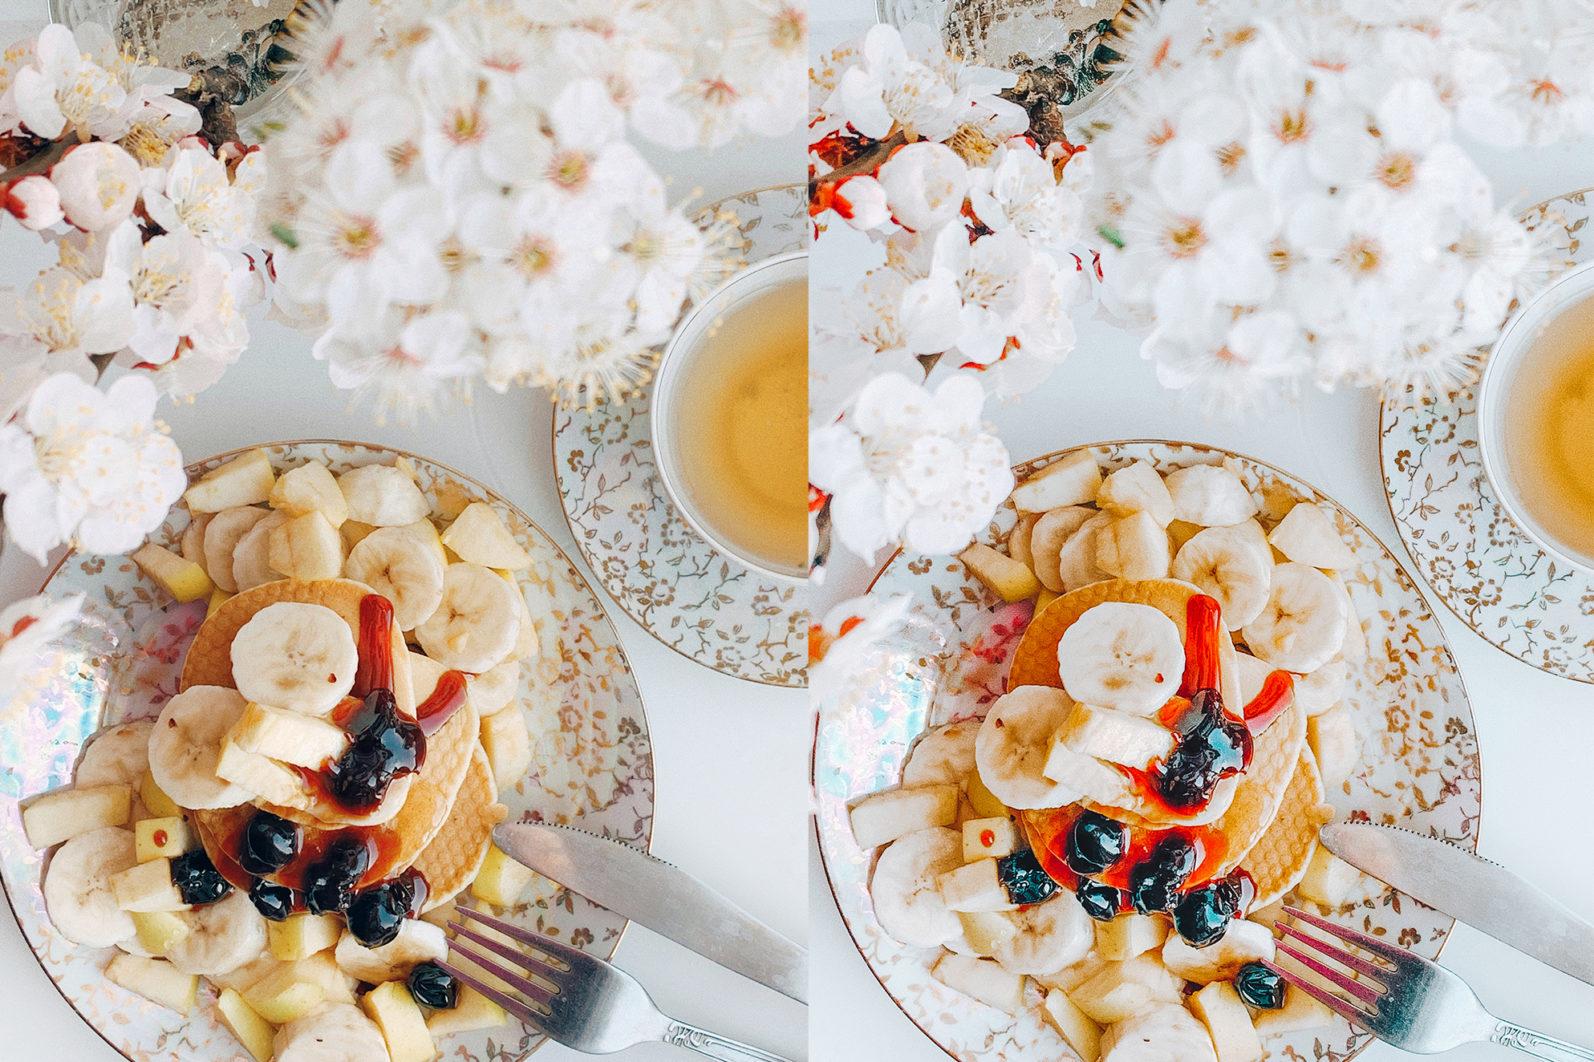 Food Blogger Vol. 1 Lightroom Presets - Desktop and Mobile - 4 Food Blogger 2 -